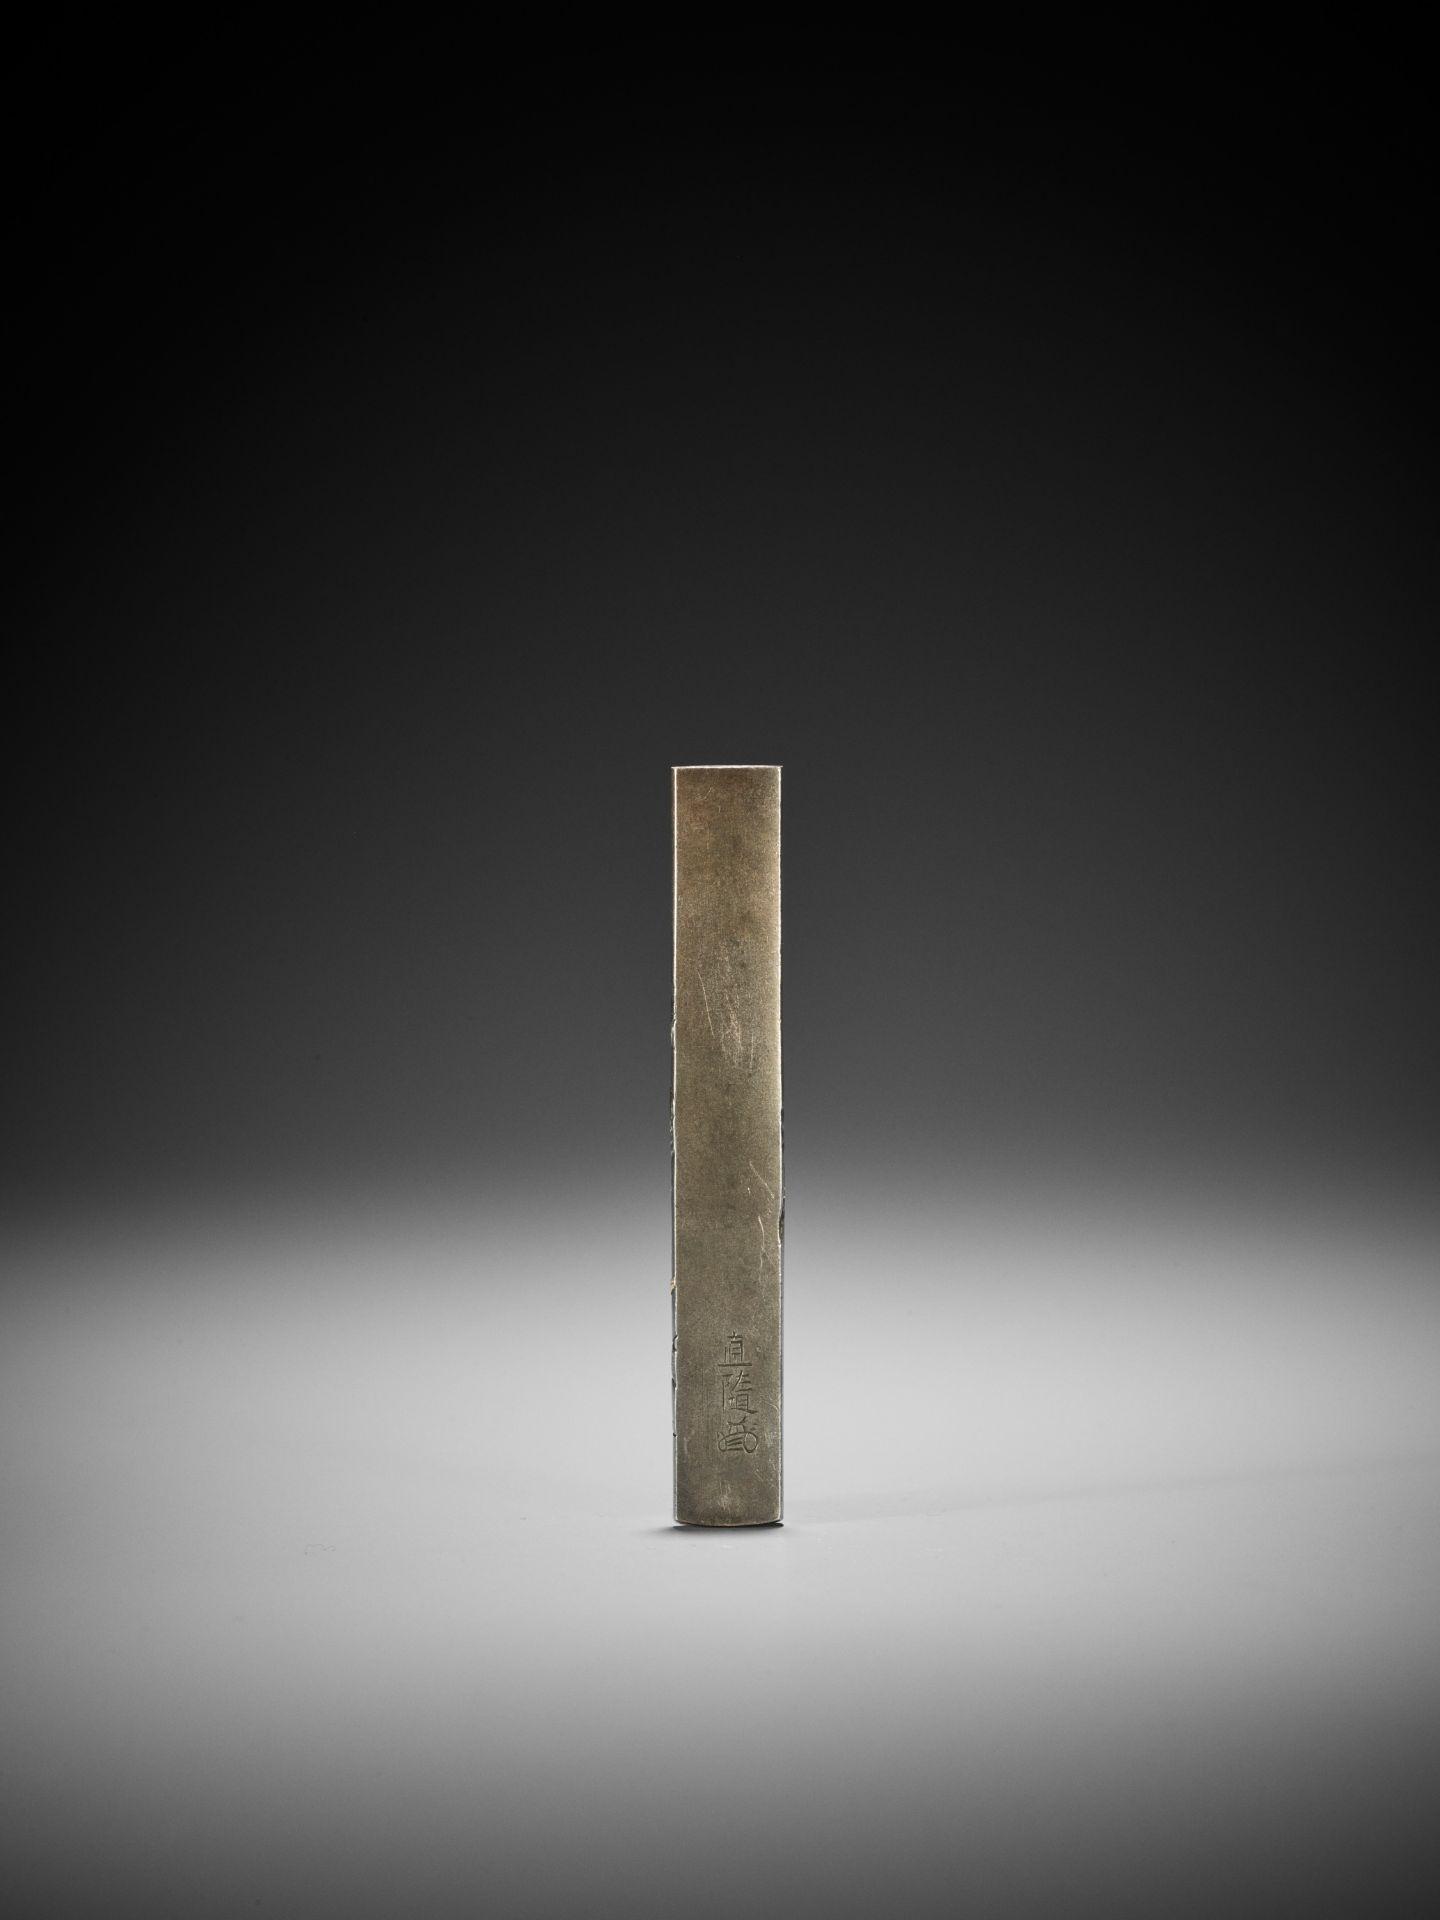 HAMANO NAOYUKI: A GOLD-INLAID SHIBUICHI KOZUKA WITH TWO SUMO WRESTLERS - Image 3 of 4